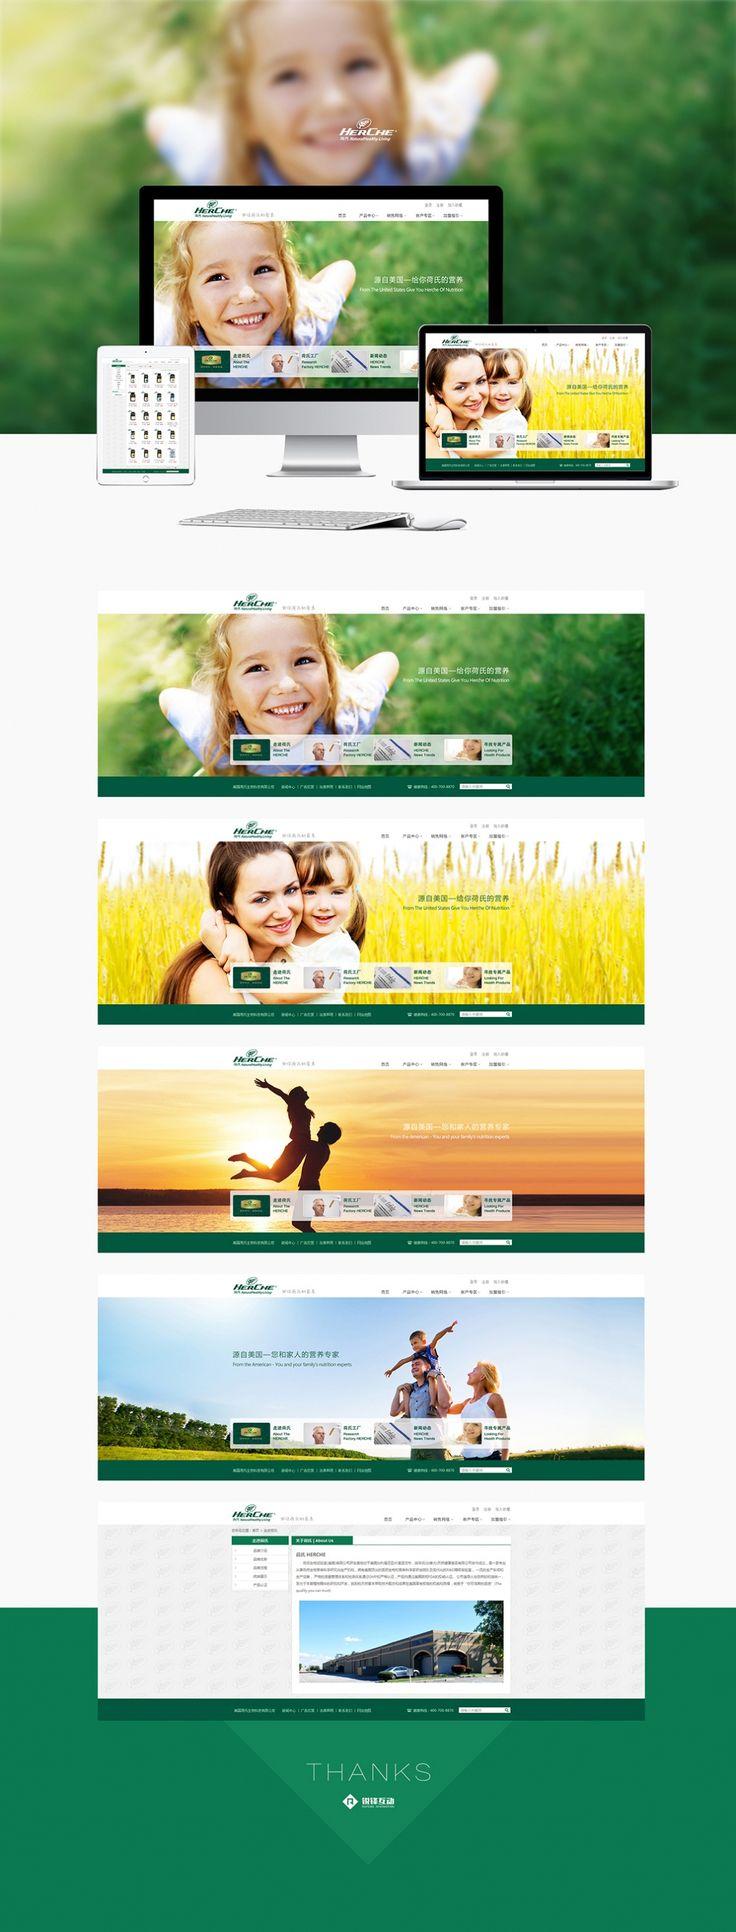 荷氏品牌网站策划-企业网站 - 原创设计作品展示 - 黄蜂网woofeng.cn